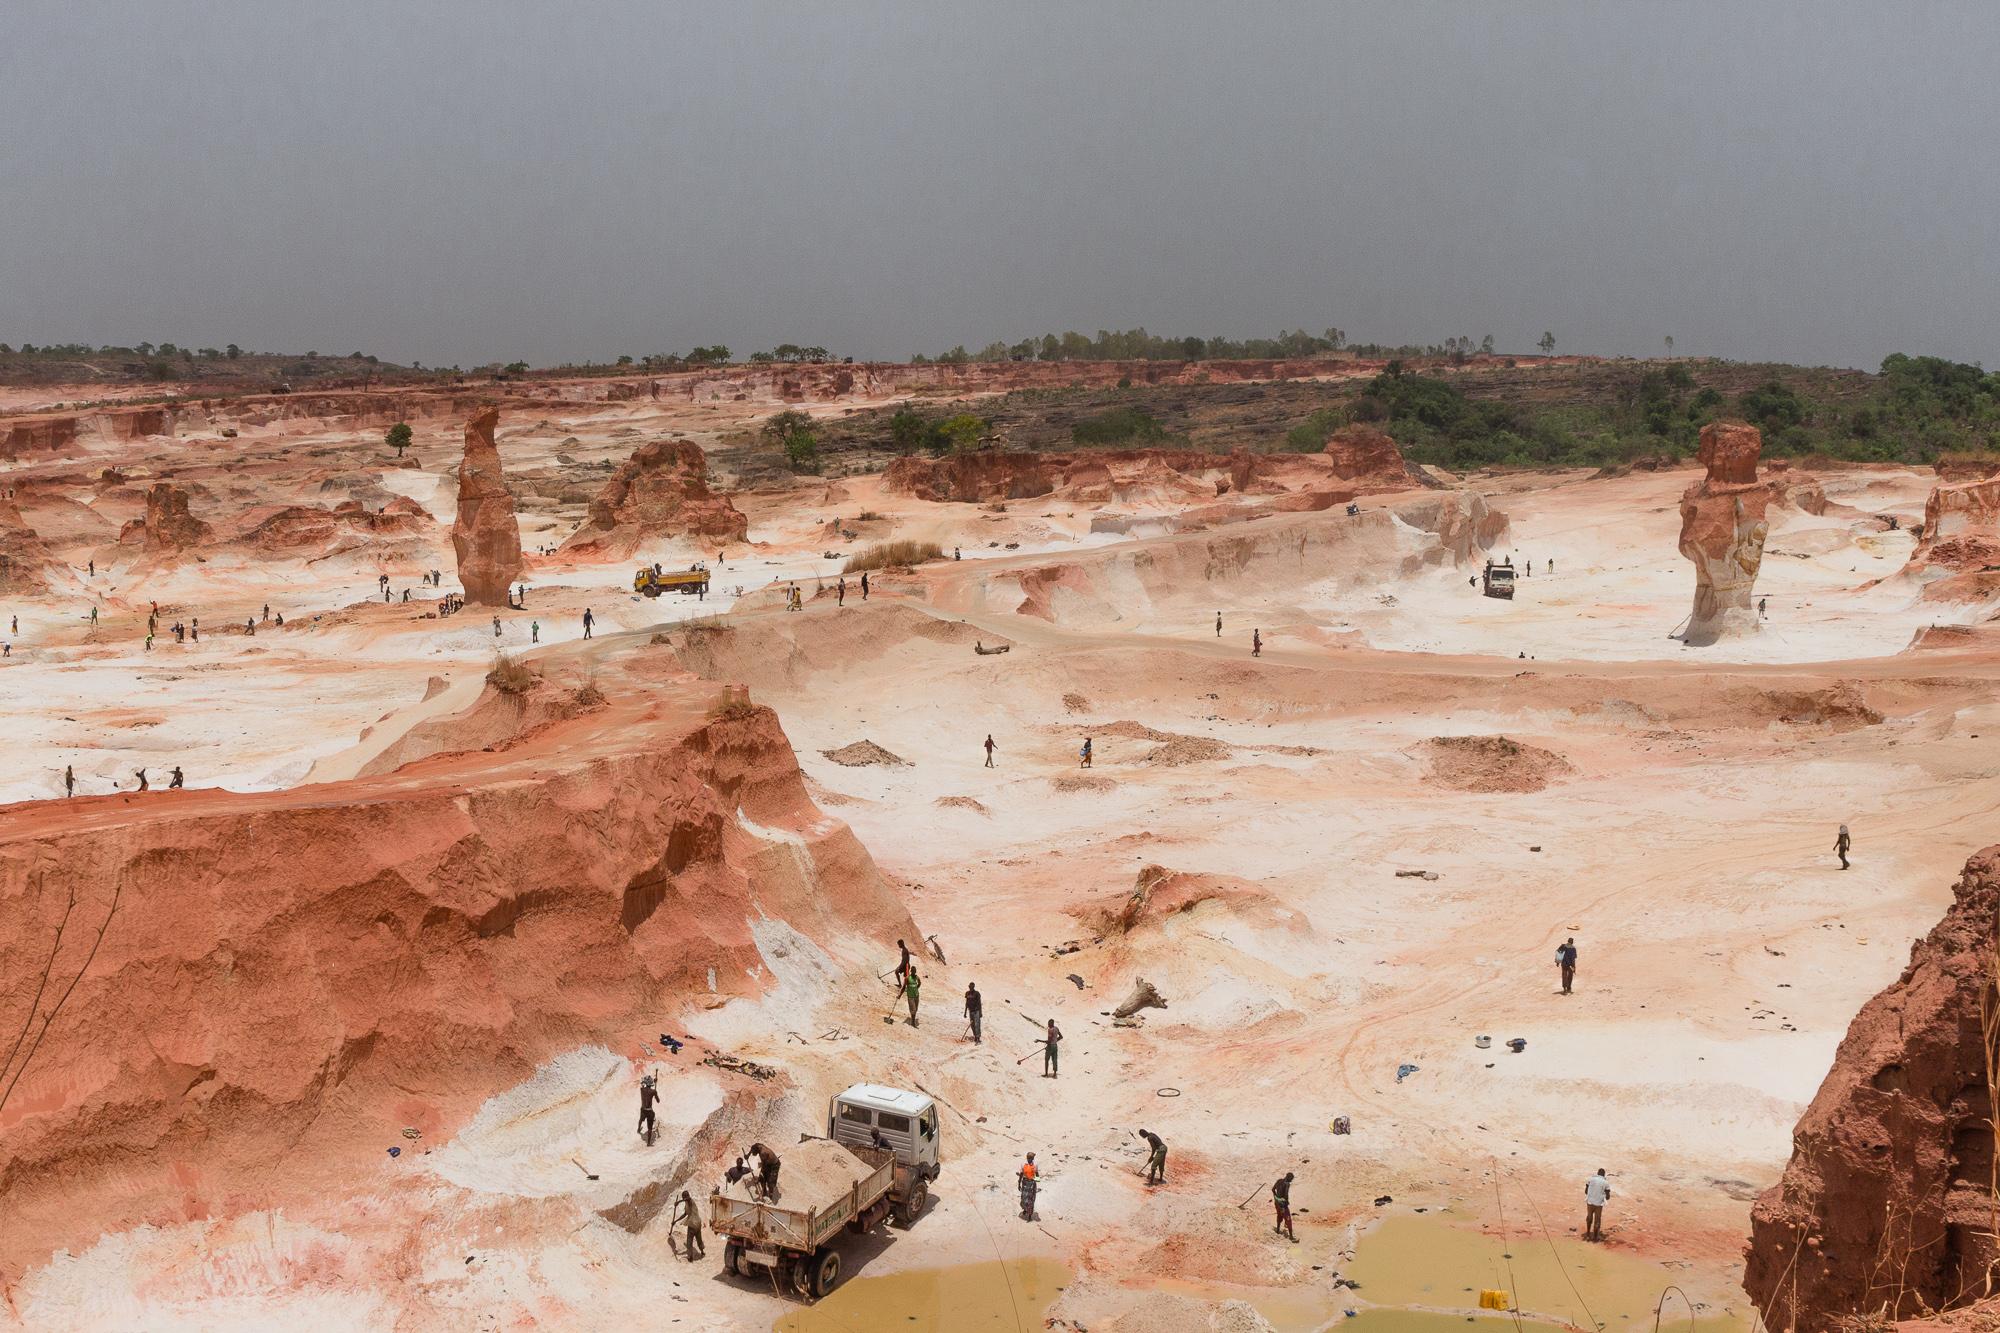 Carrière de pierre, Burkina Faso